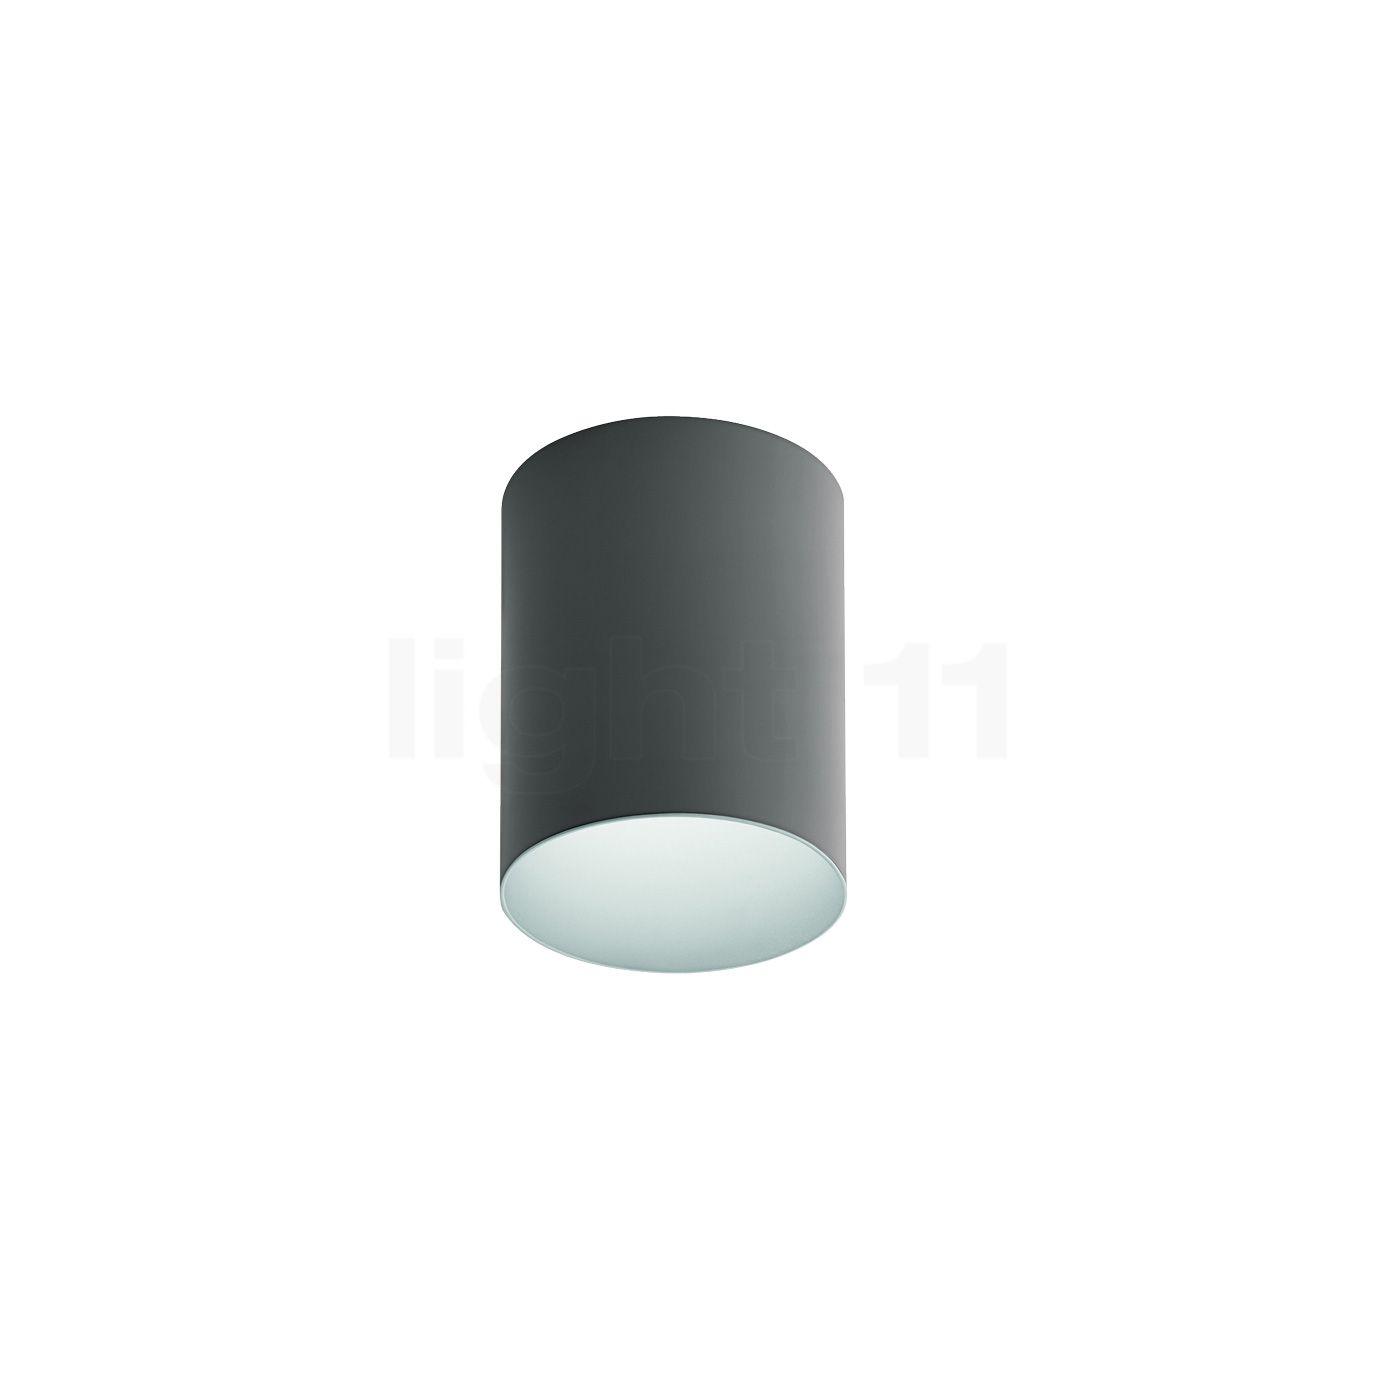 artemide tagora 270 fluo deckenleuchte kaufen bei. Black Bedroom Furniture Sets. Home Design Ideas